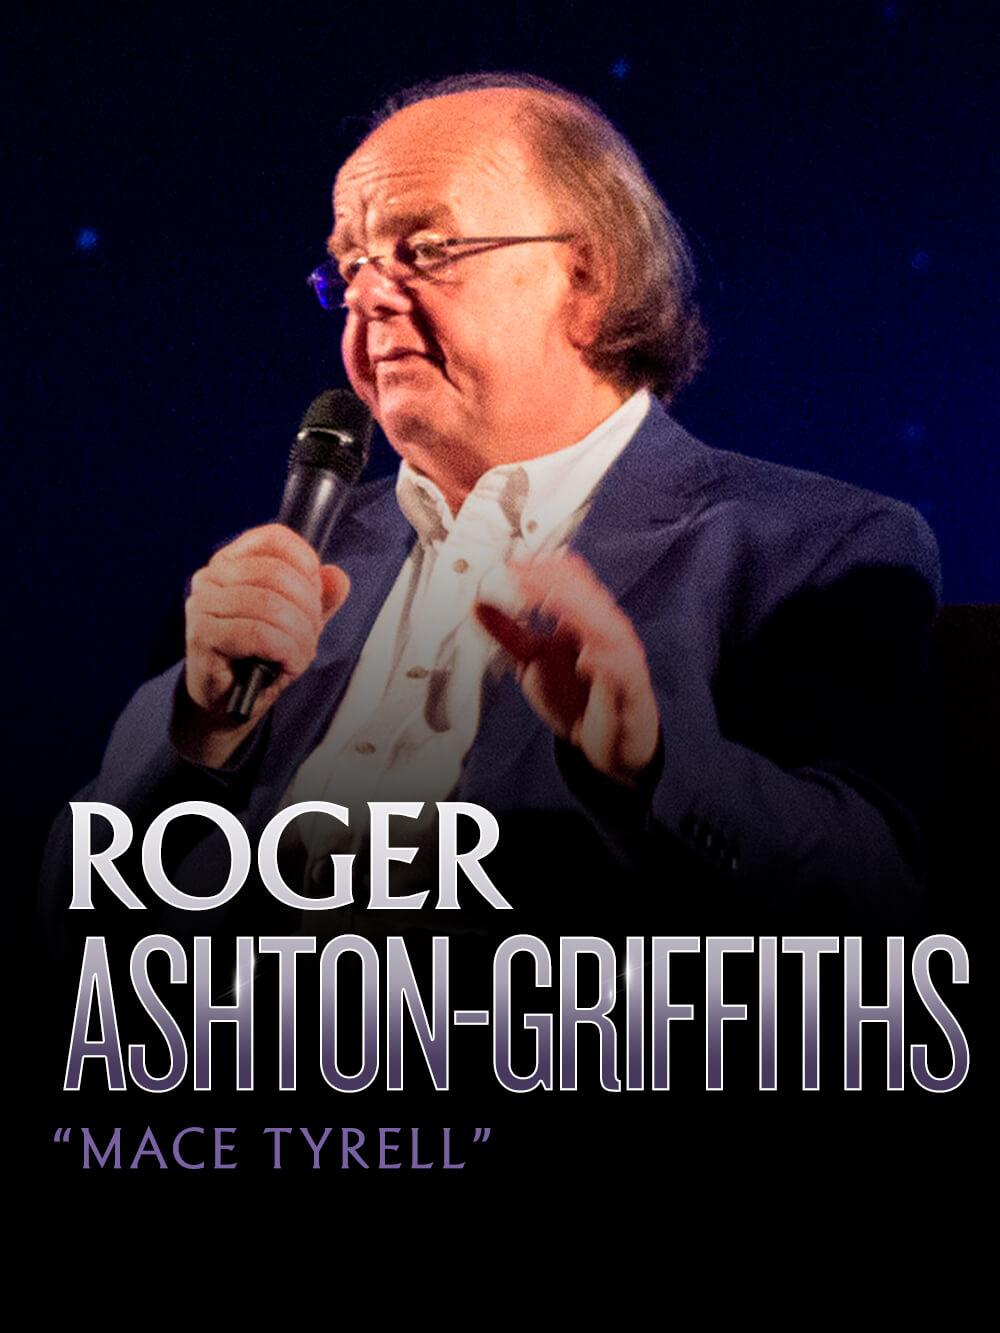 Guest-Card-Ashton-Griffiths.jpg